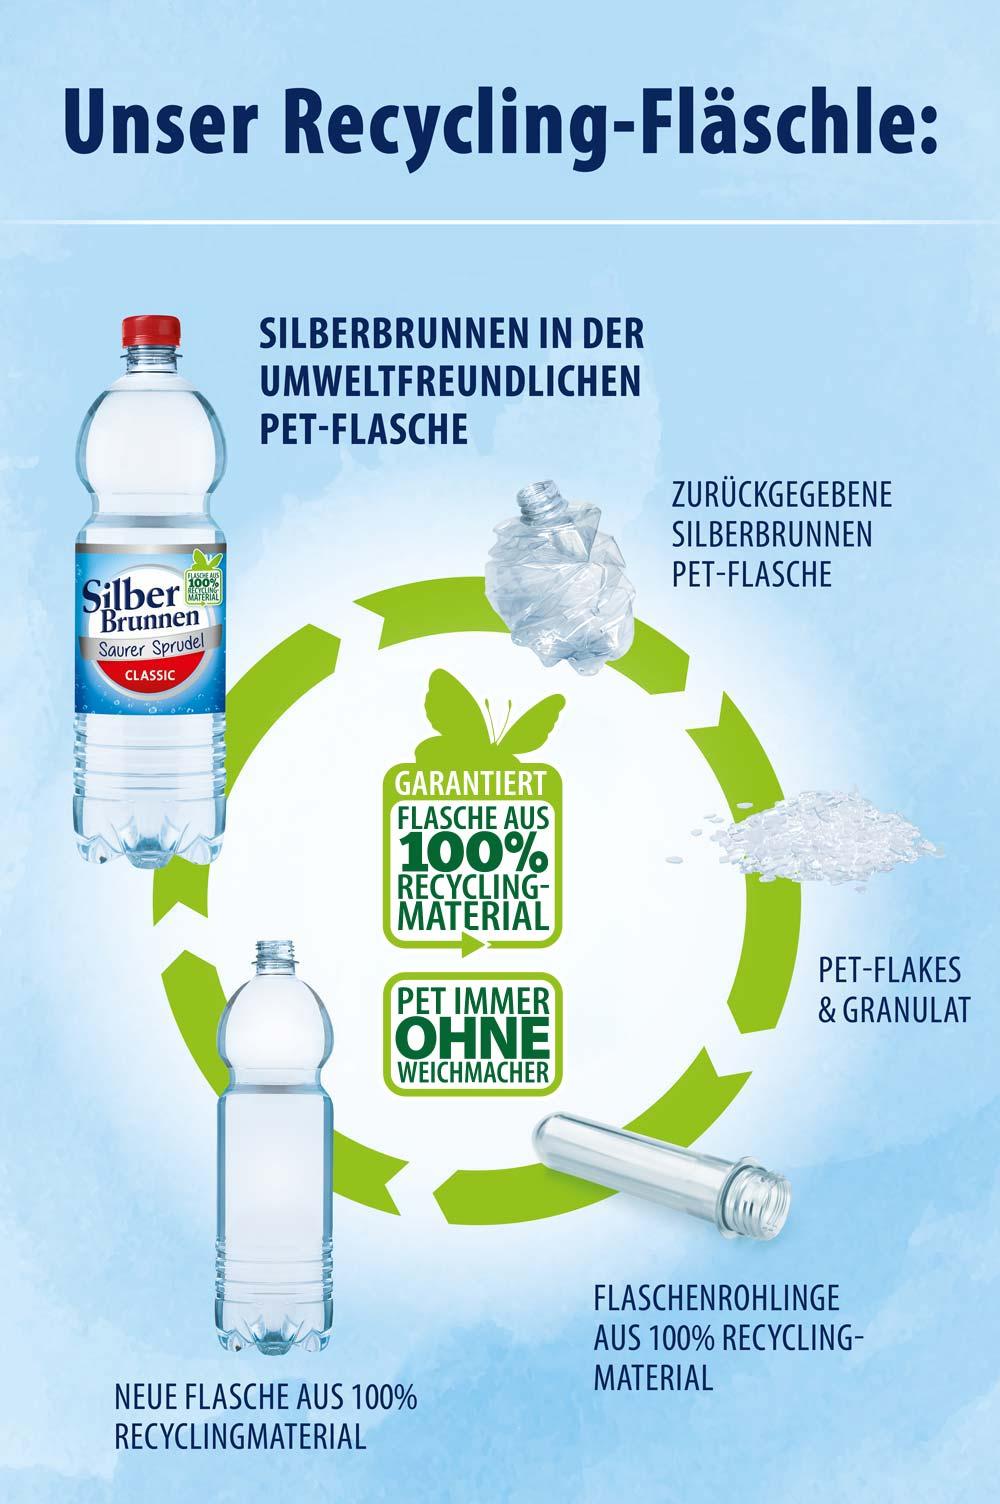 SilberBrunnen in der umweltfreundlichen PET--Flasche